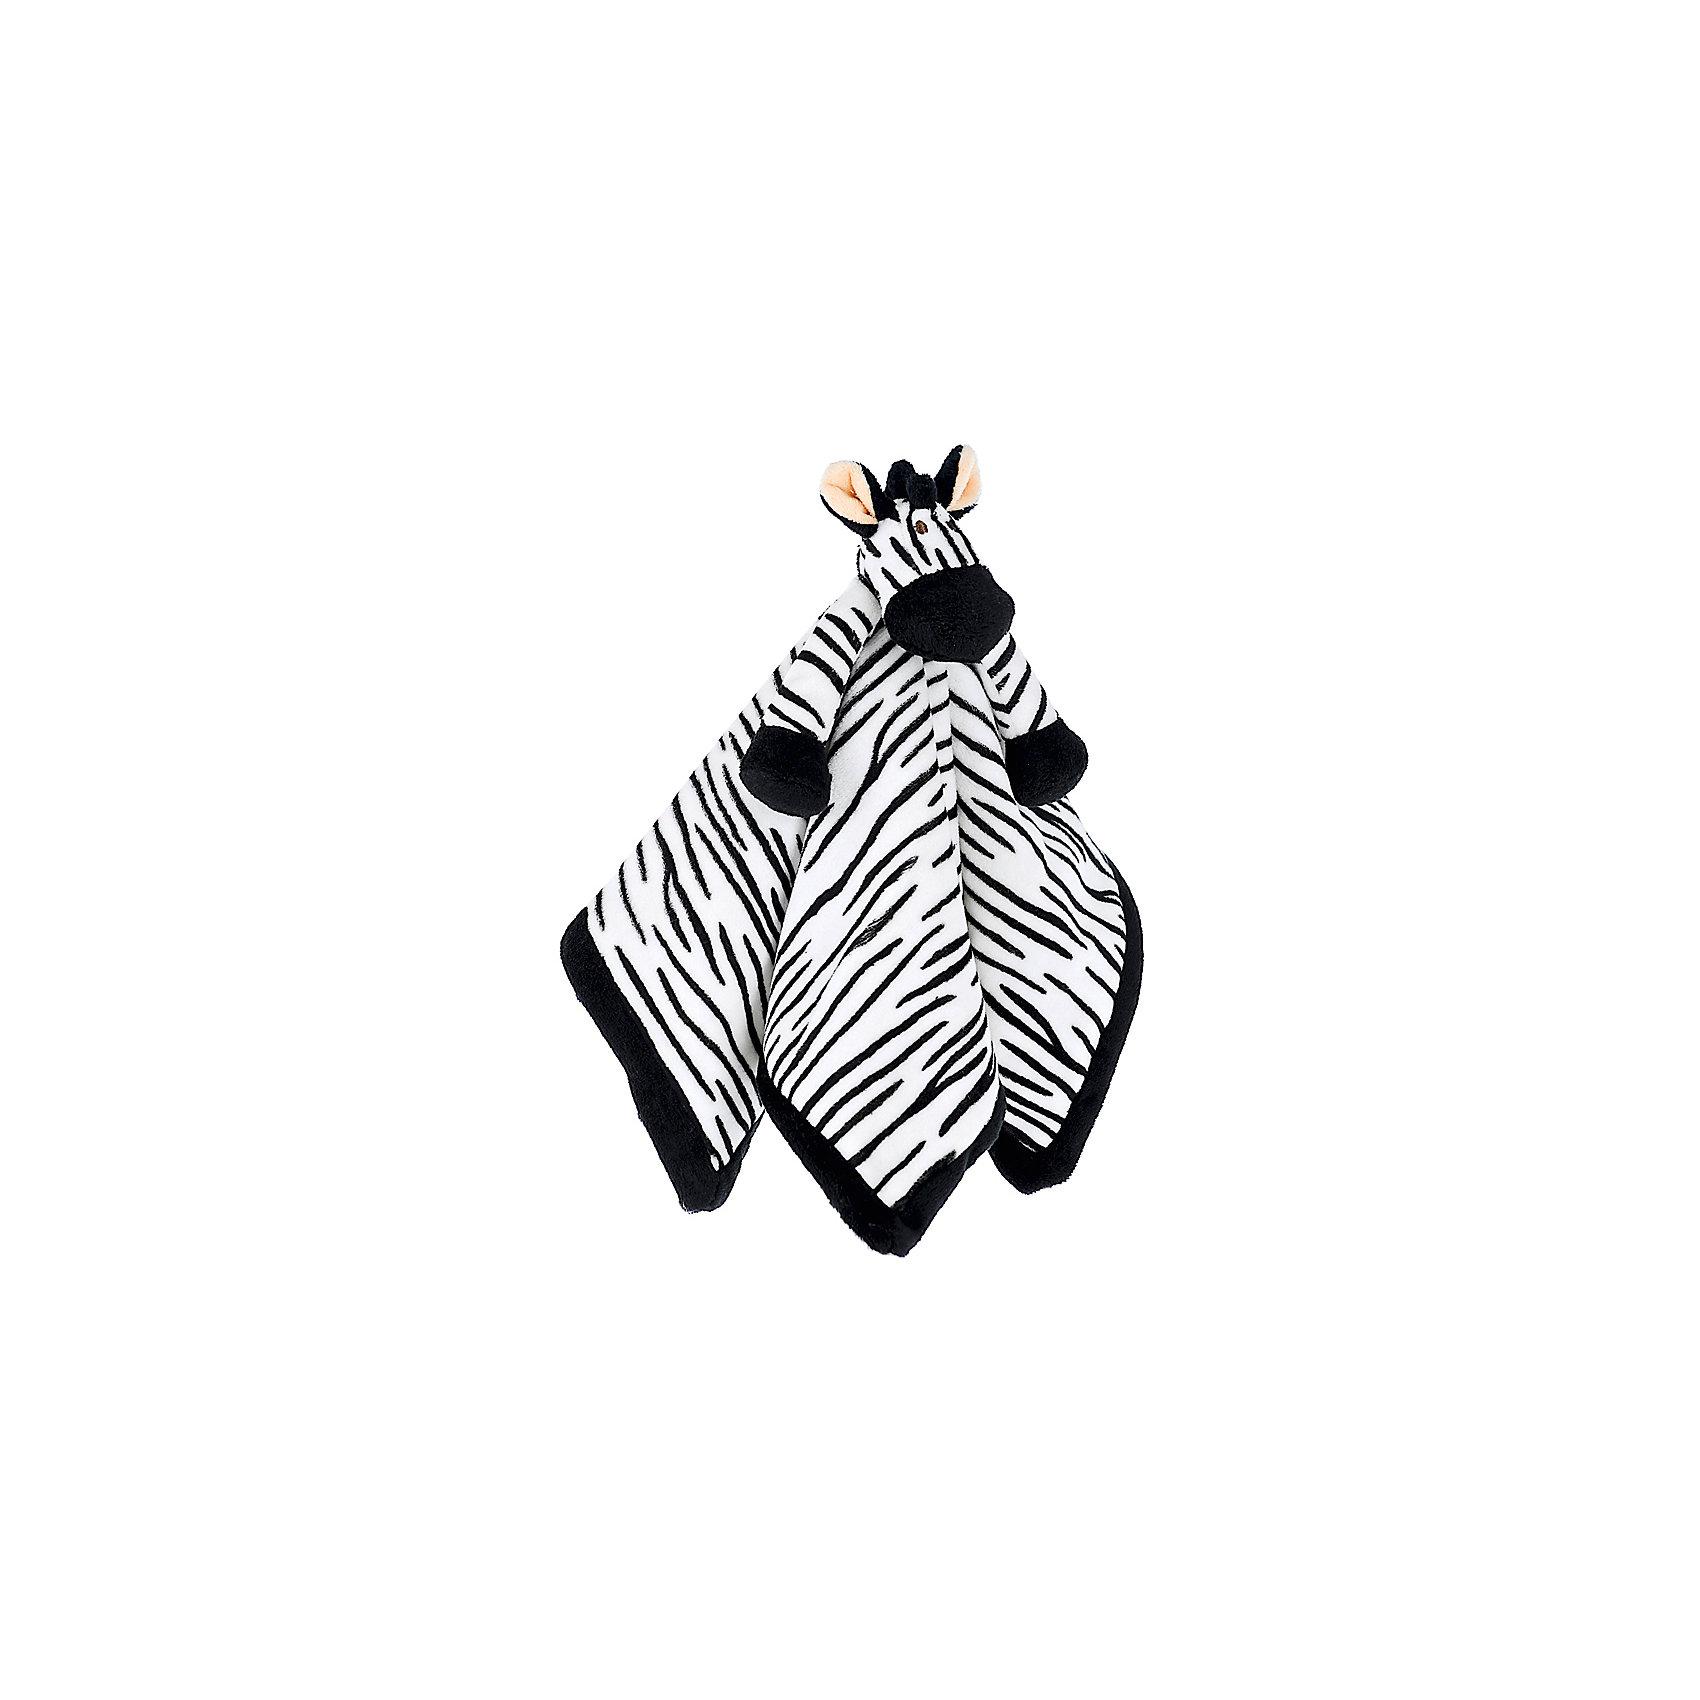 игрушка-салфетка Зебра, ДинглисарИгрушки-платочки<br>Характеристики мягкой игрушки Teddykompaniet: <br><br>• размер салфетки: 35х35 см;<br>• материал: 100% хлопок (безворсовый велюр);<br>• серия: Динглисар.<br><br>Мягкая велюровая салфетка для малышей декорирована объемной мордочкой зебры, которая находится в центре салфетки. Малыш теребит салфетку в ручках, прикосновения к мягкому велюровому материалу развивают тактильное восприятие крохи. Салфетка хорошо впитывает влагу, ее можно использовать на этапе прорезывания зубок, когда у малыша обильное слюноотделение. <br><br>В процессе игры развивается мелкая моторика пальчиков, цветовосприятие, тактильное восприятие. <br><br>Игрушку-салфетку Зебра, Динглисар можно купить в нашем интернет-магазине.<br><br>Ширина мм: 100<br>Глубина мм: 50<br>Высота мм: 100<br>Вес г: 100<br>Возраст от месяцев: 0<br>Возраст до месяцев: 12<br>Пол: Унисекс<br>Возраст: Детский<br>SKU: 5219514